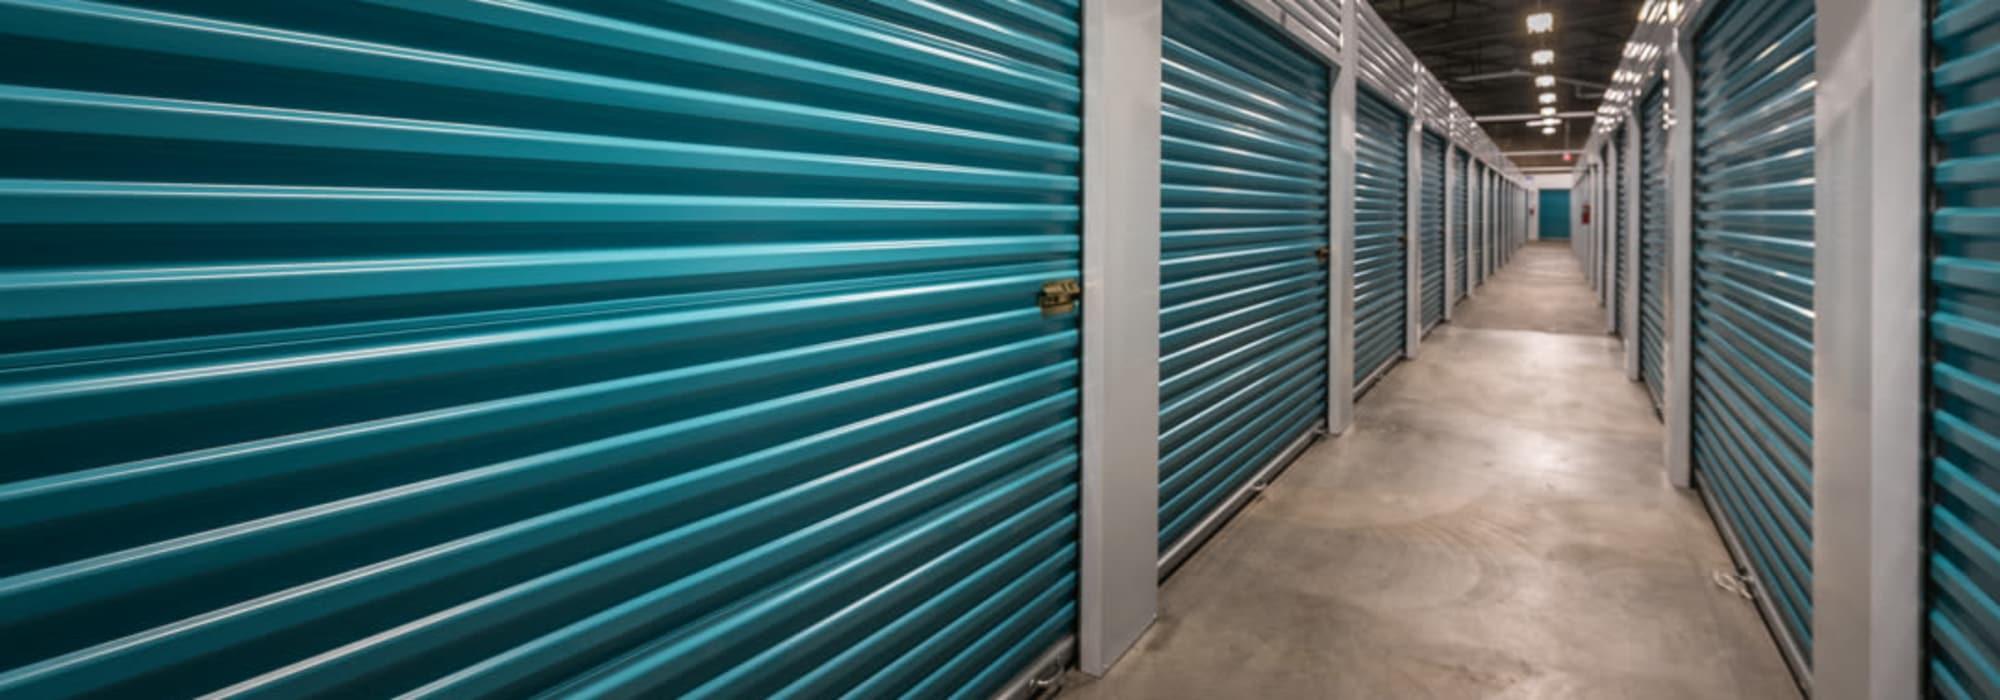 Storages Service